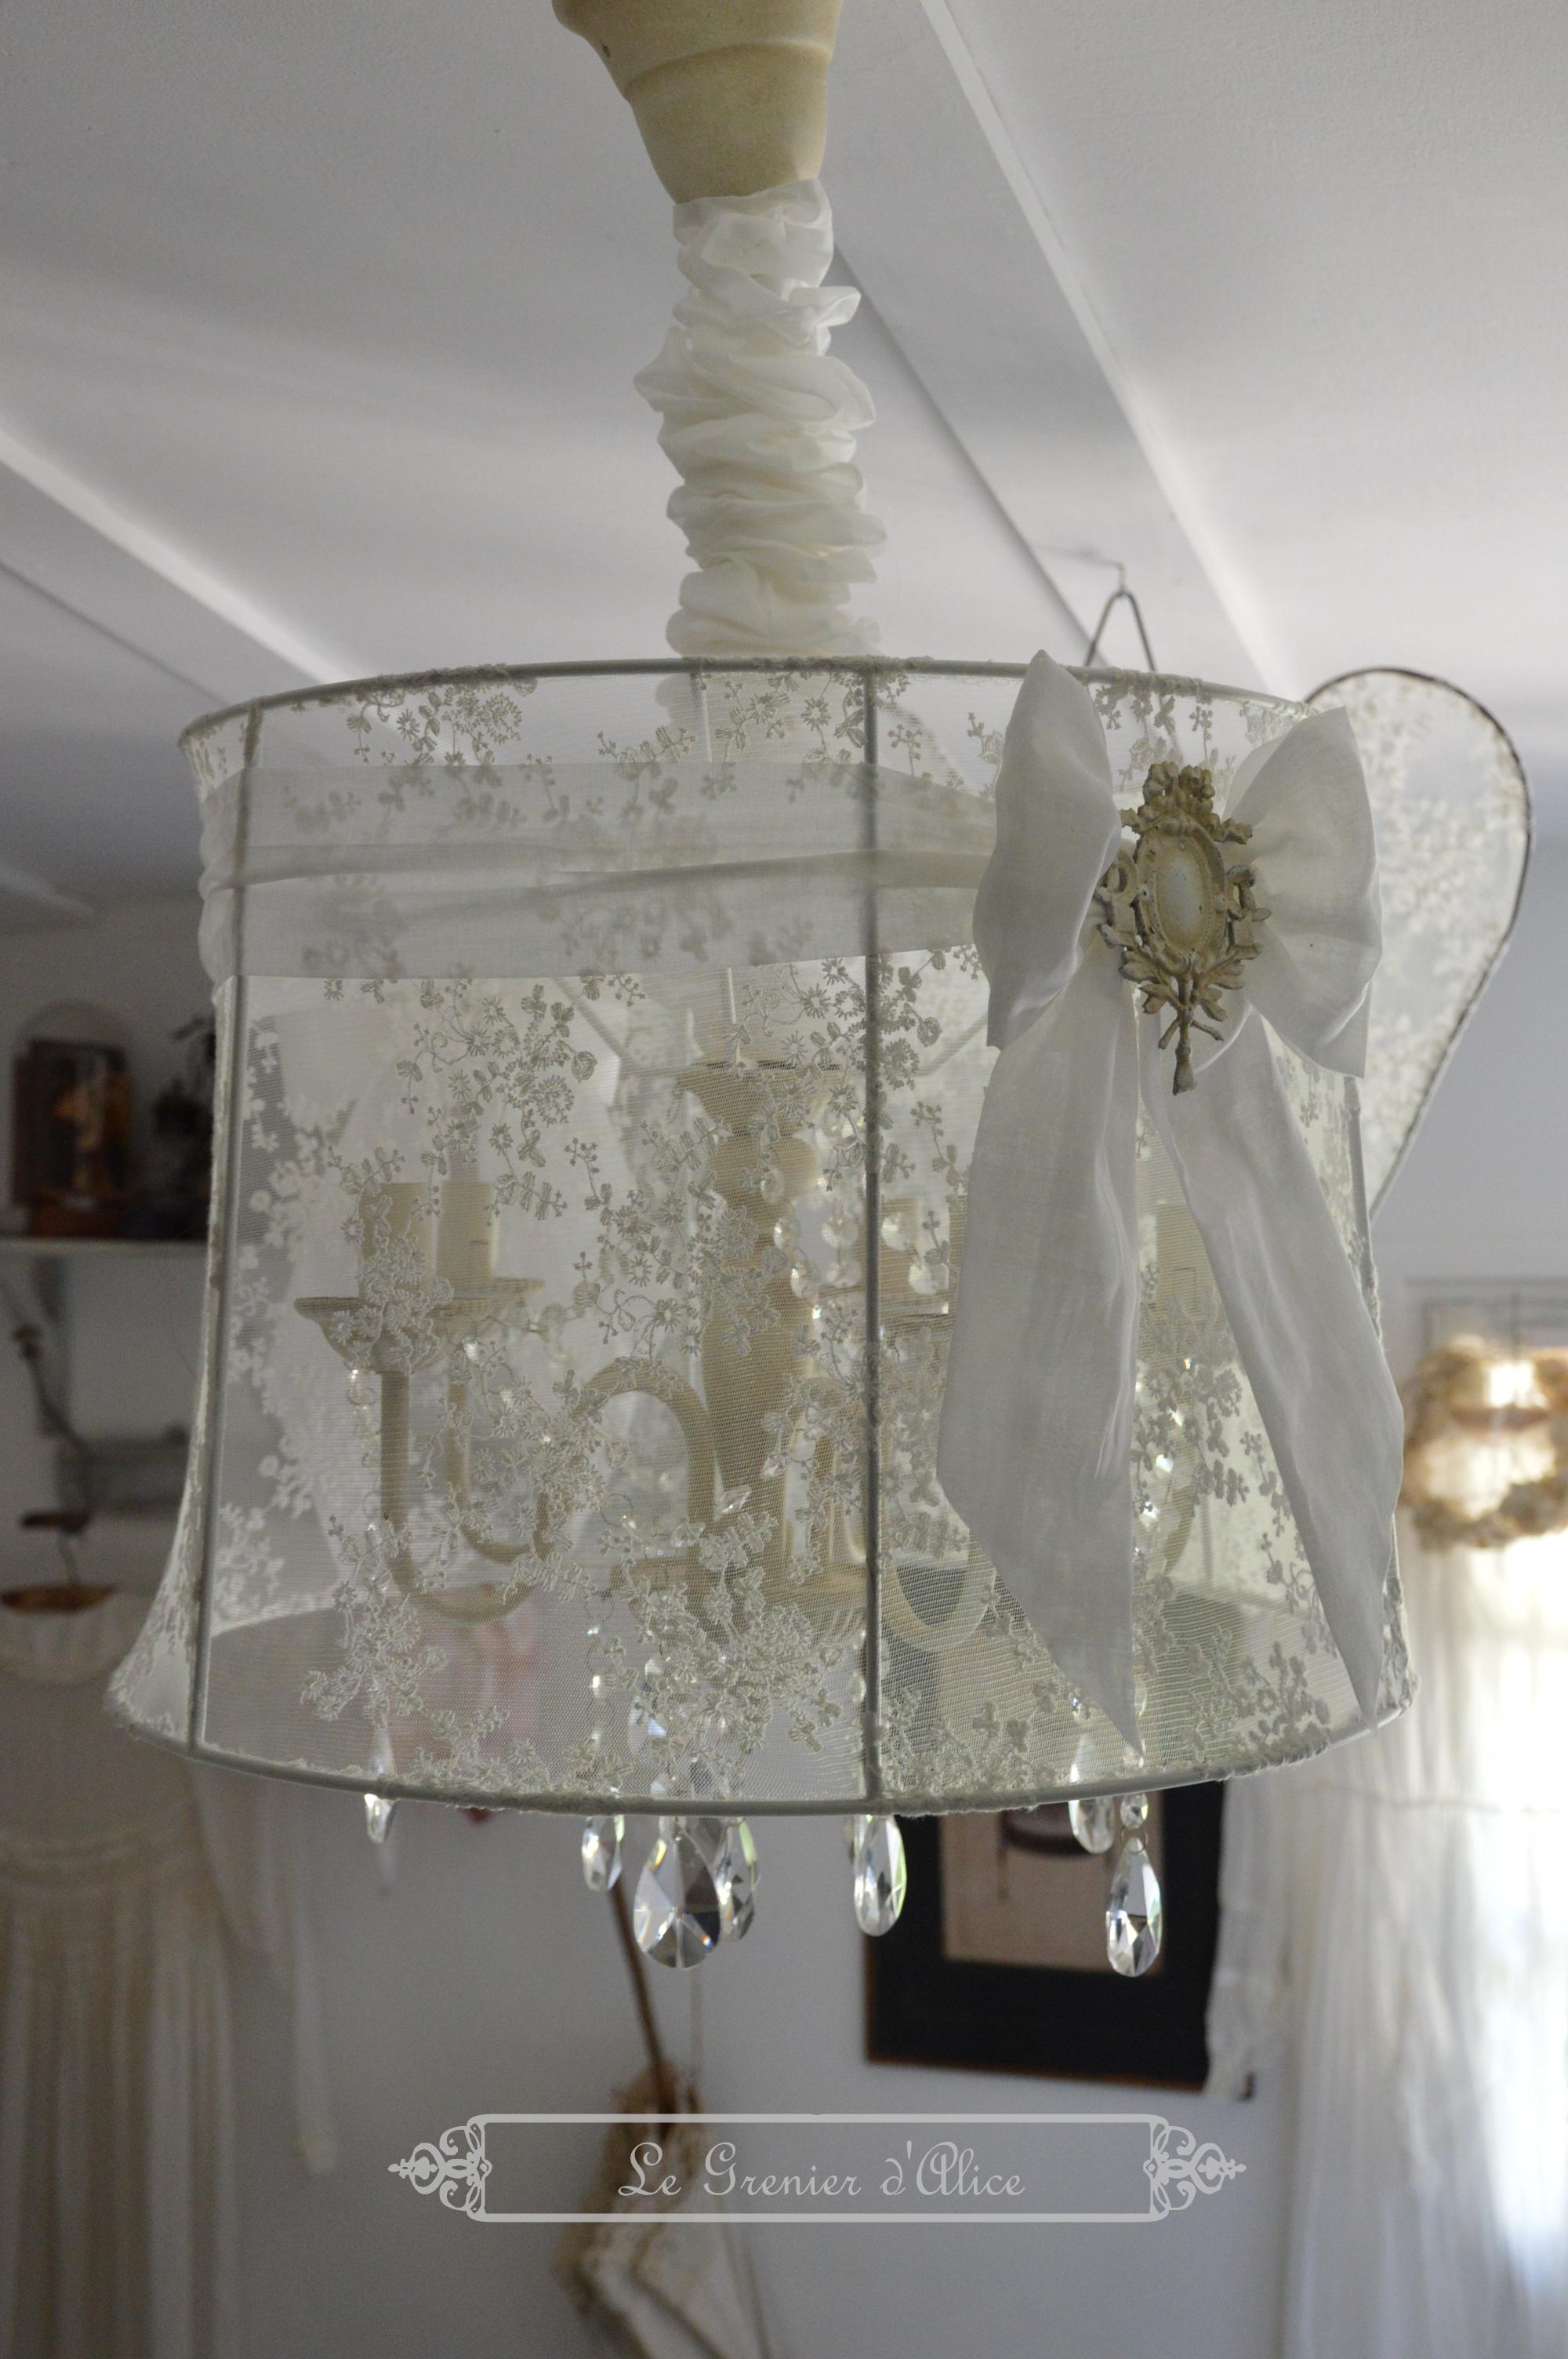 Suspension abat jour lustre aile d ange relooking tulle broderie voile de mariée organdi blanc romantique shabby chic vintage french decor nordique scandinave 2